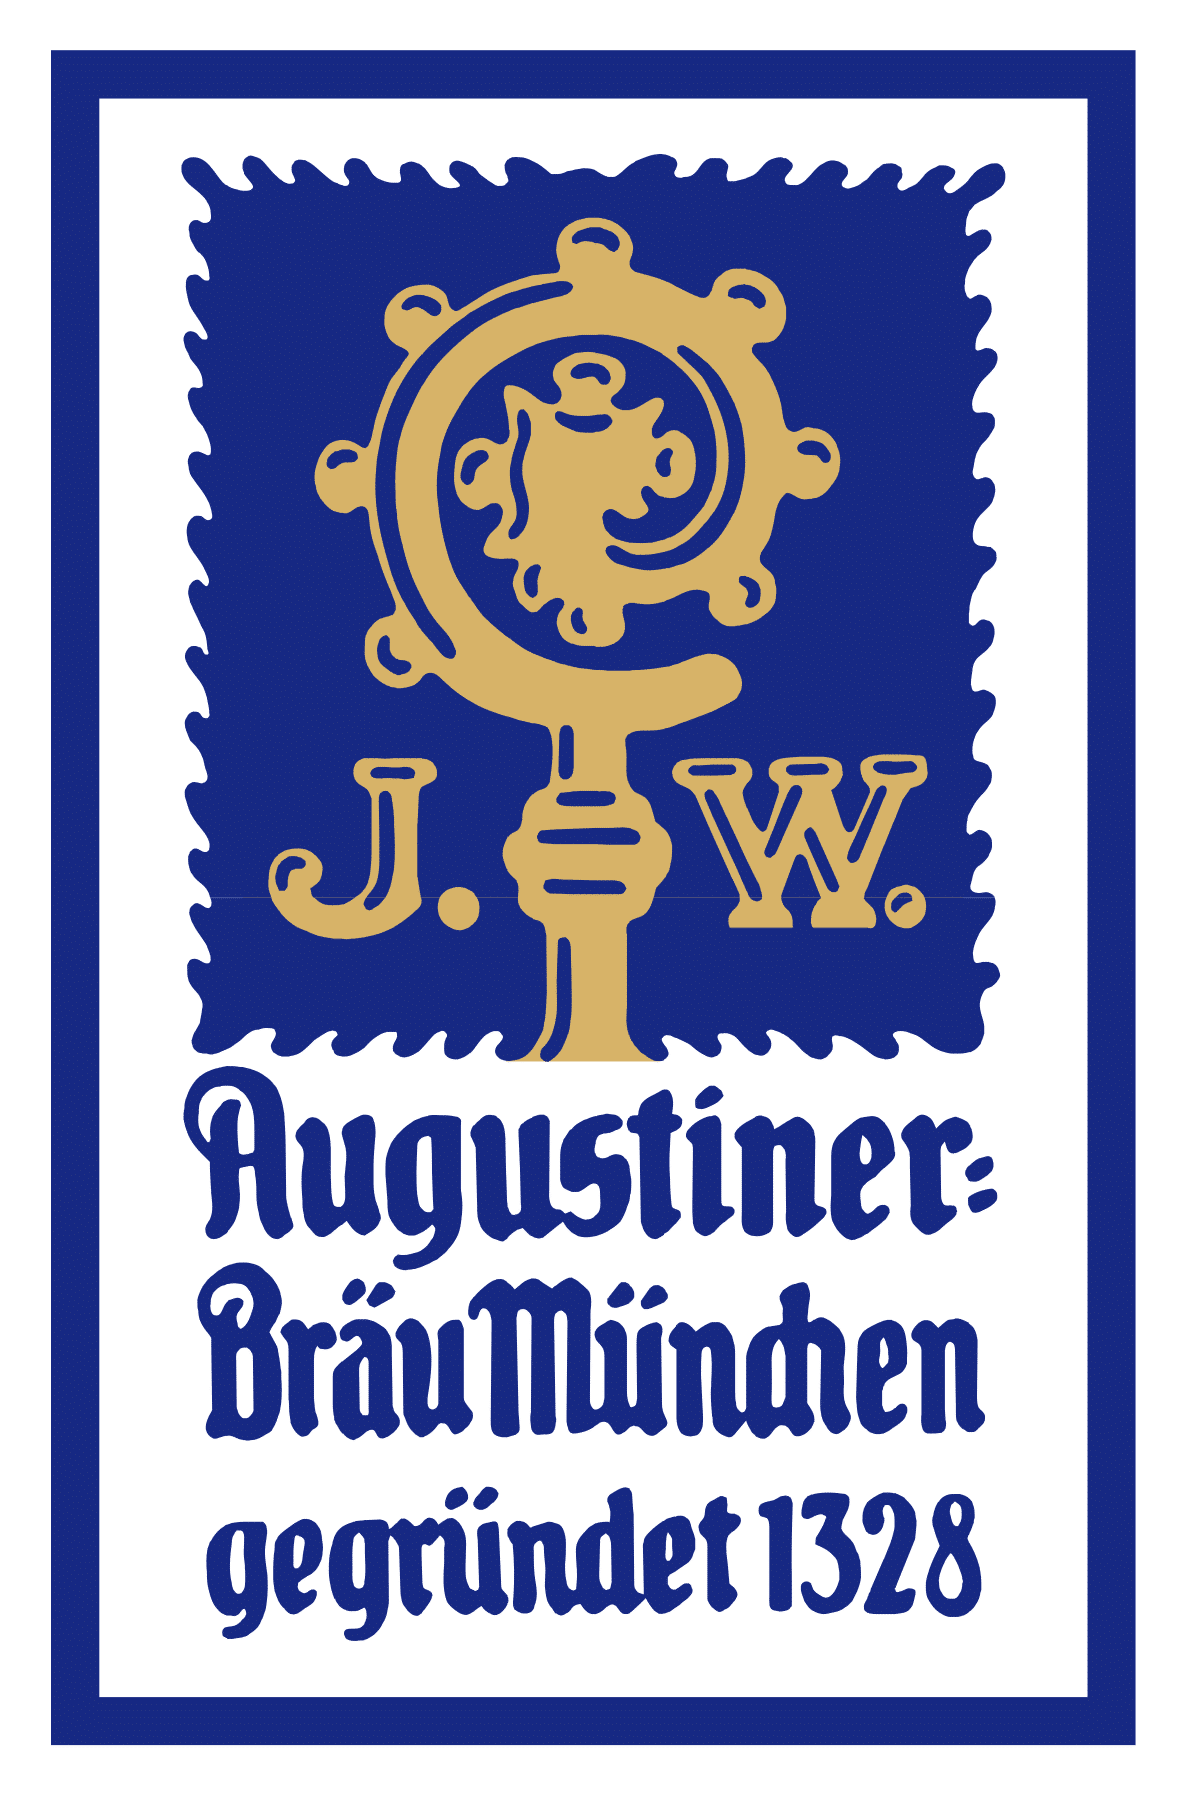 Augustiner-Bräu Wagner KG Verwaltung und Braustätte: Landsberger Straße 31-35 80339 München https://www.augustiner-braeu.de/